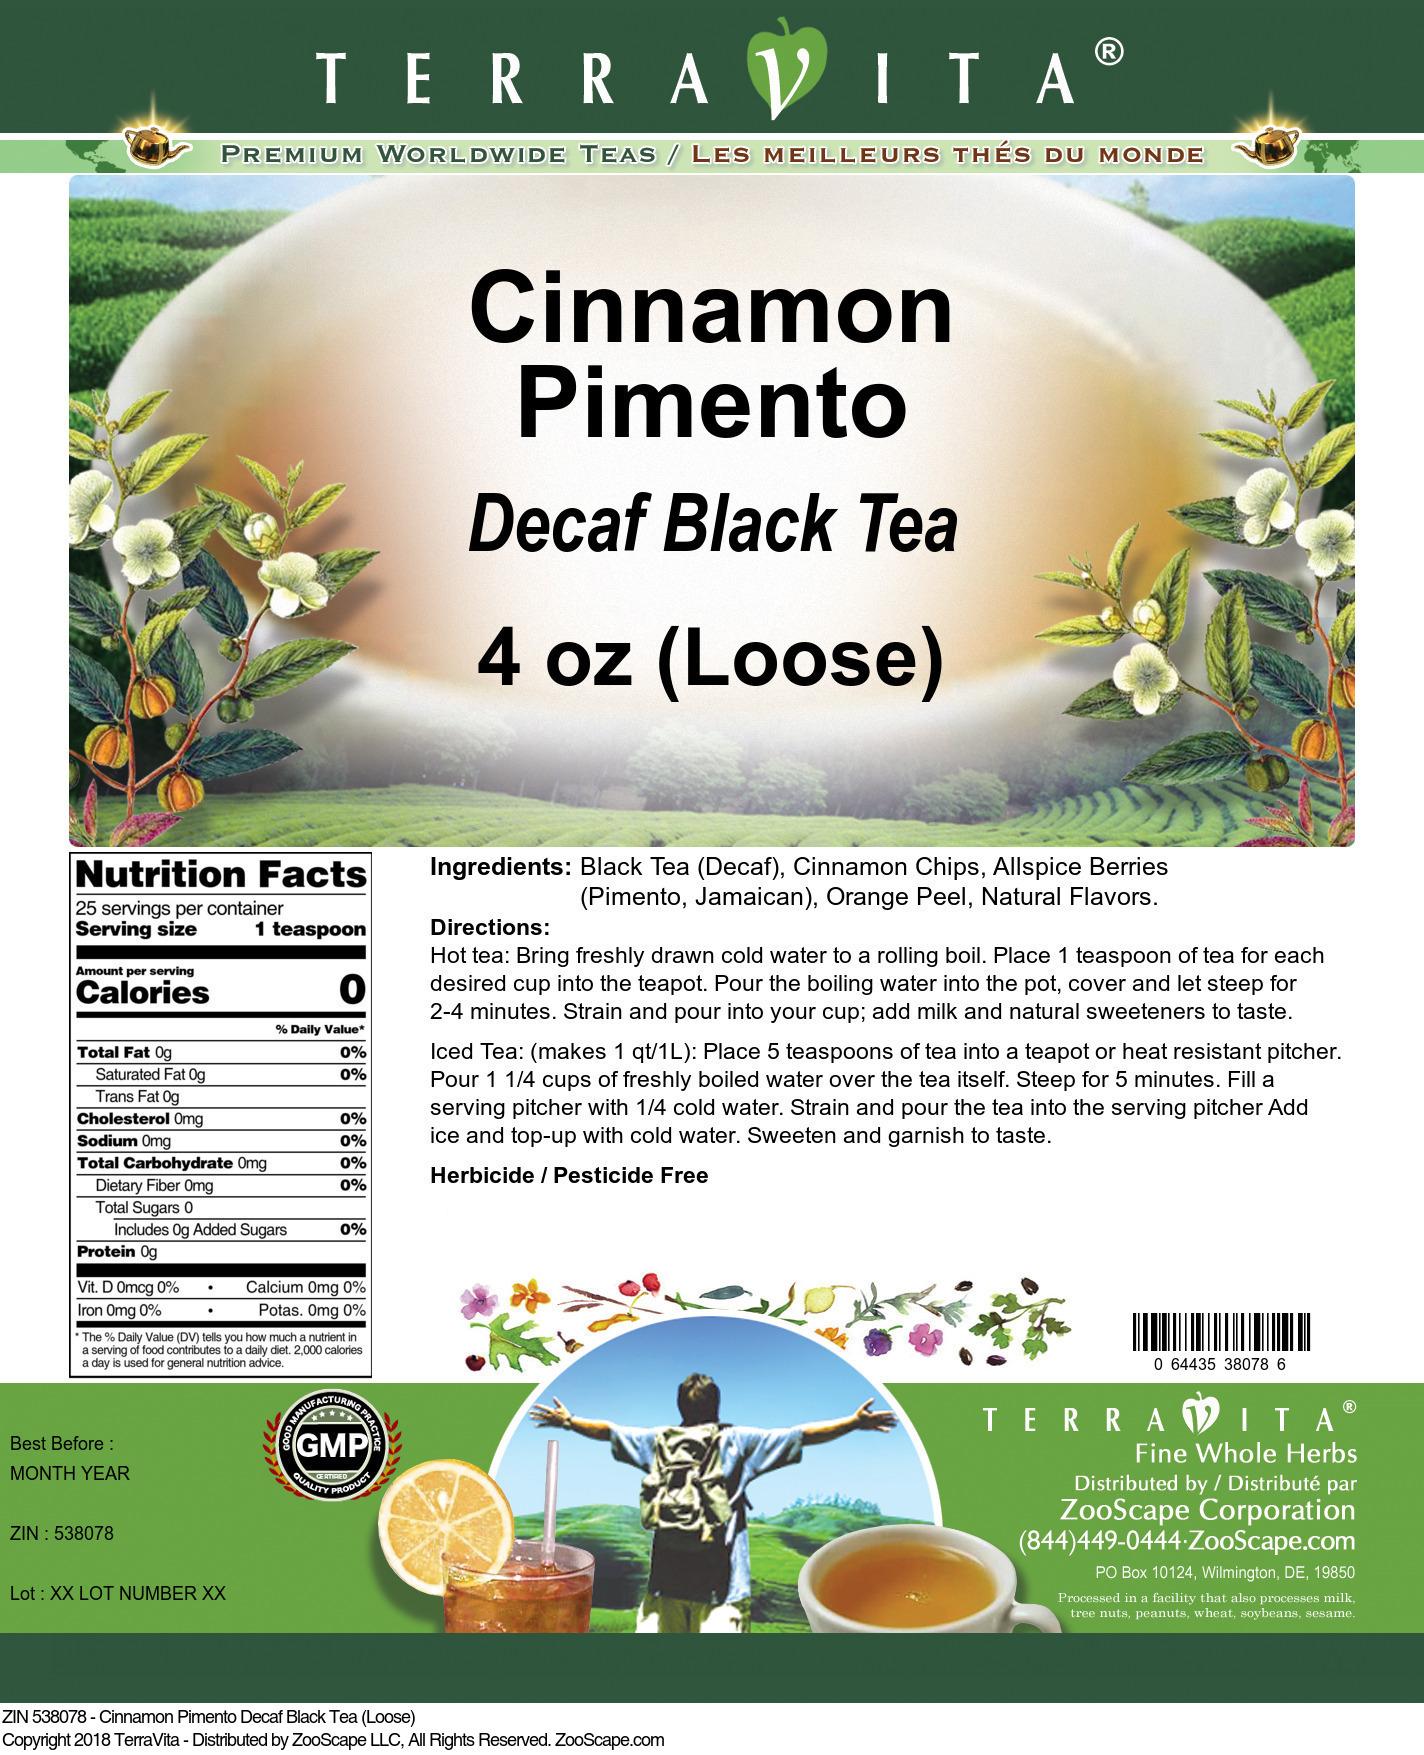 Cinnamon Pimento Decaf Black Tea (Loose)